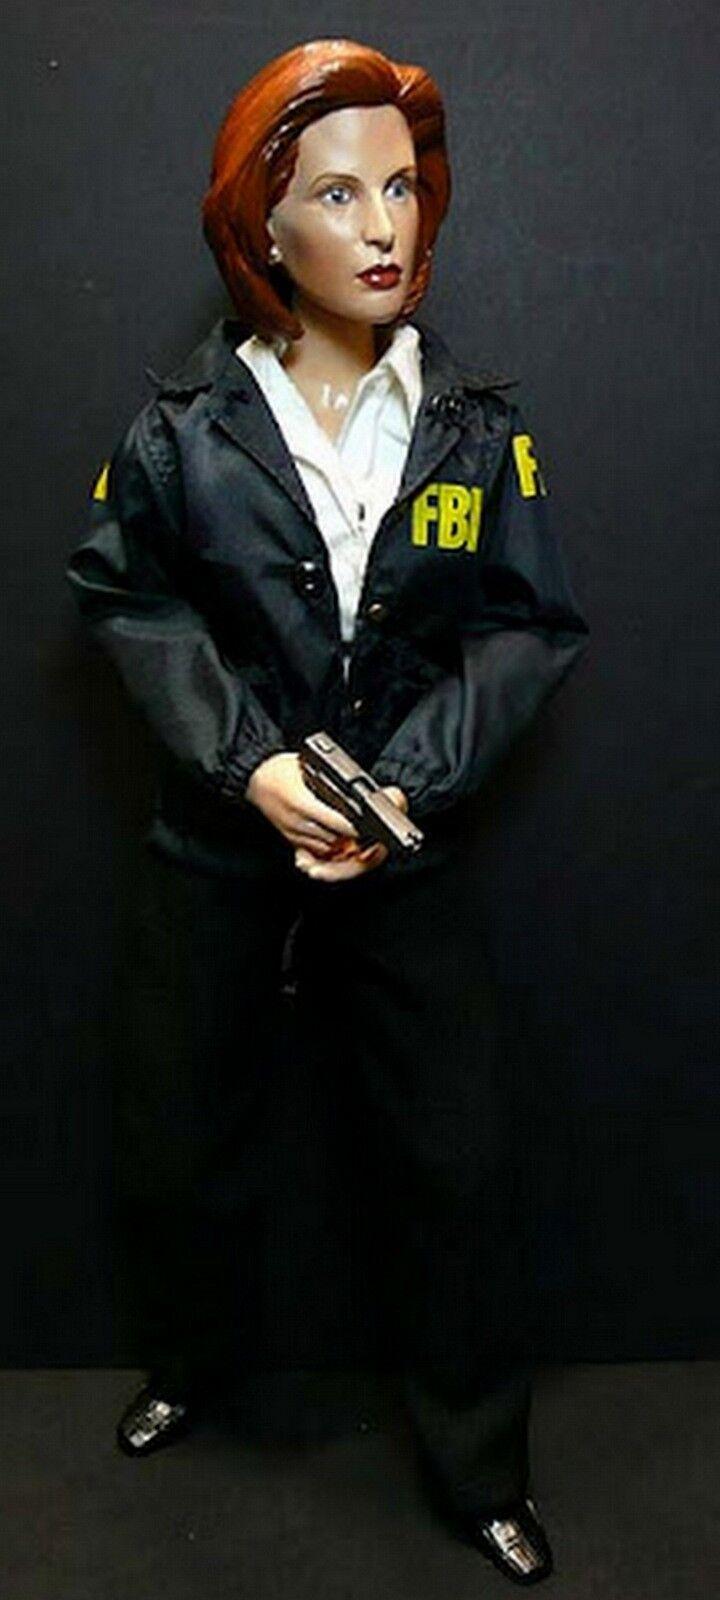 descuento de ventas en línea Sideshow Exclusivo De X-Files X-Files X-Files Dana Scully sexta escala 12  con chaqueta del FBI figura 1 6  más orden